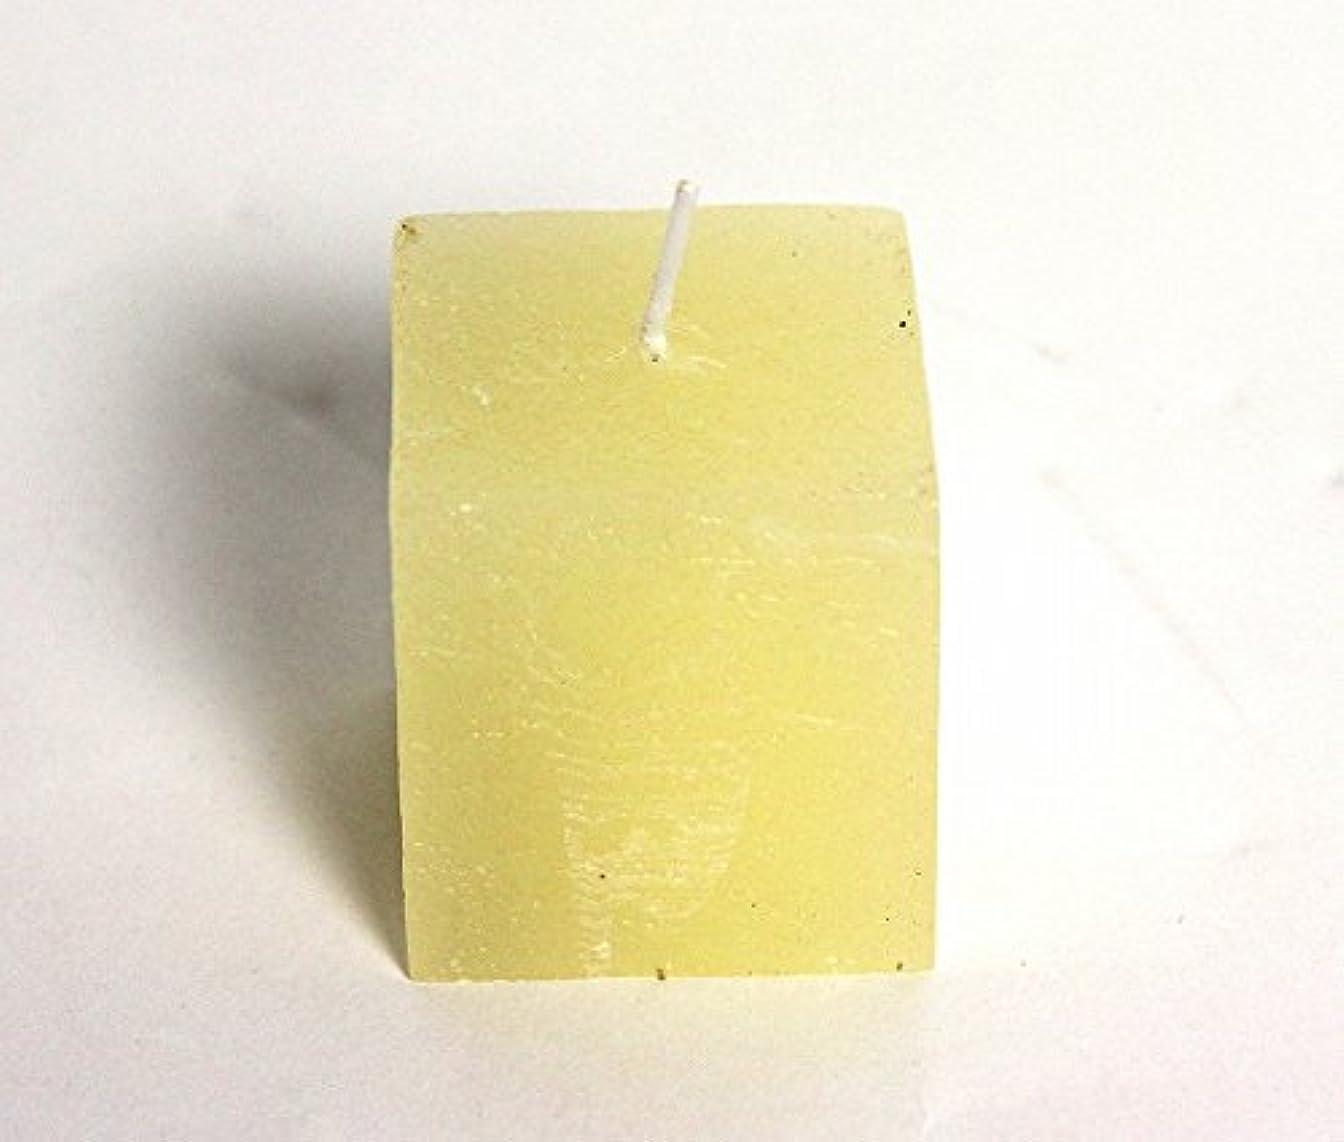 飢え民間人ピアースカメヤマキャンドル( kameyama candle ) ラスティクミニキューブ 「 アイボリー 」